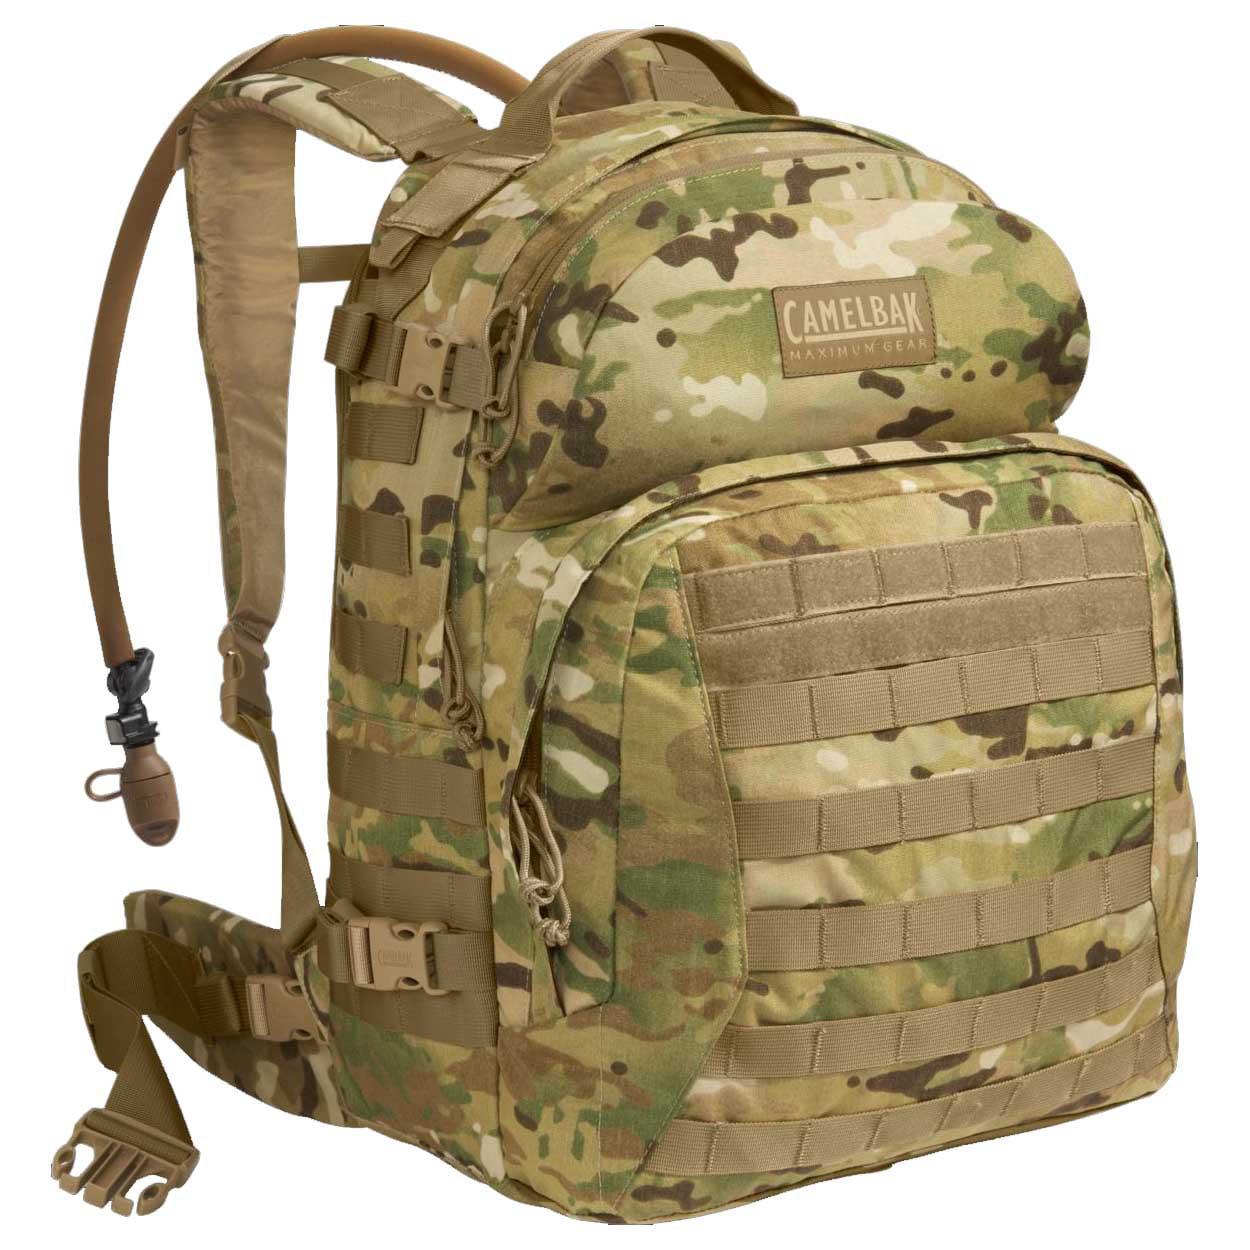 CamelBak Motherlode Hydration Backpack  Pack 100 oz 3L MultiCam - 60667